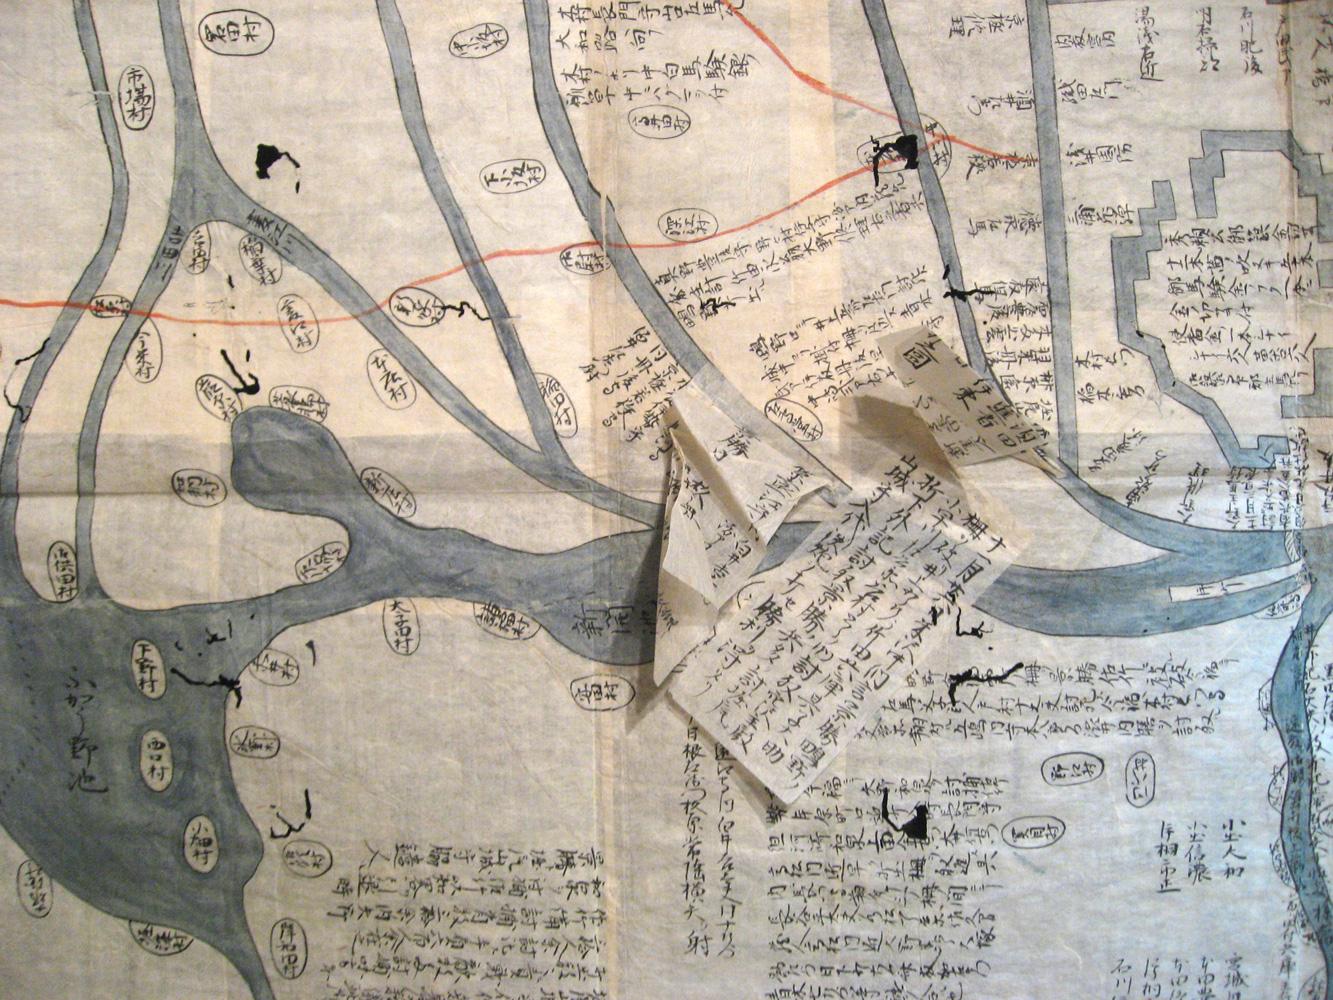 Plan manuscrit sur papier japonais. Japon, XIXe (?) ou antérieur. Manuscript plan on Japanese paper, probably early 19th century or before (?)